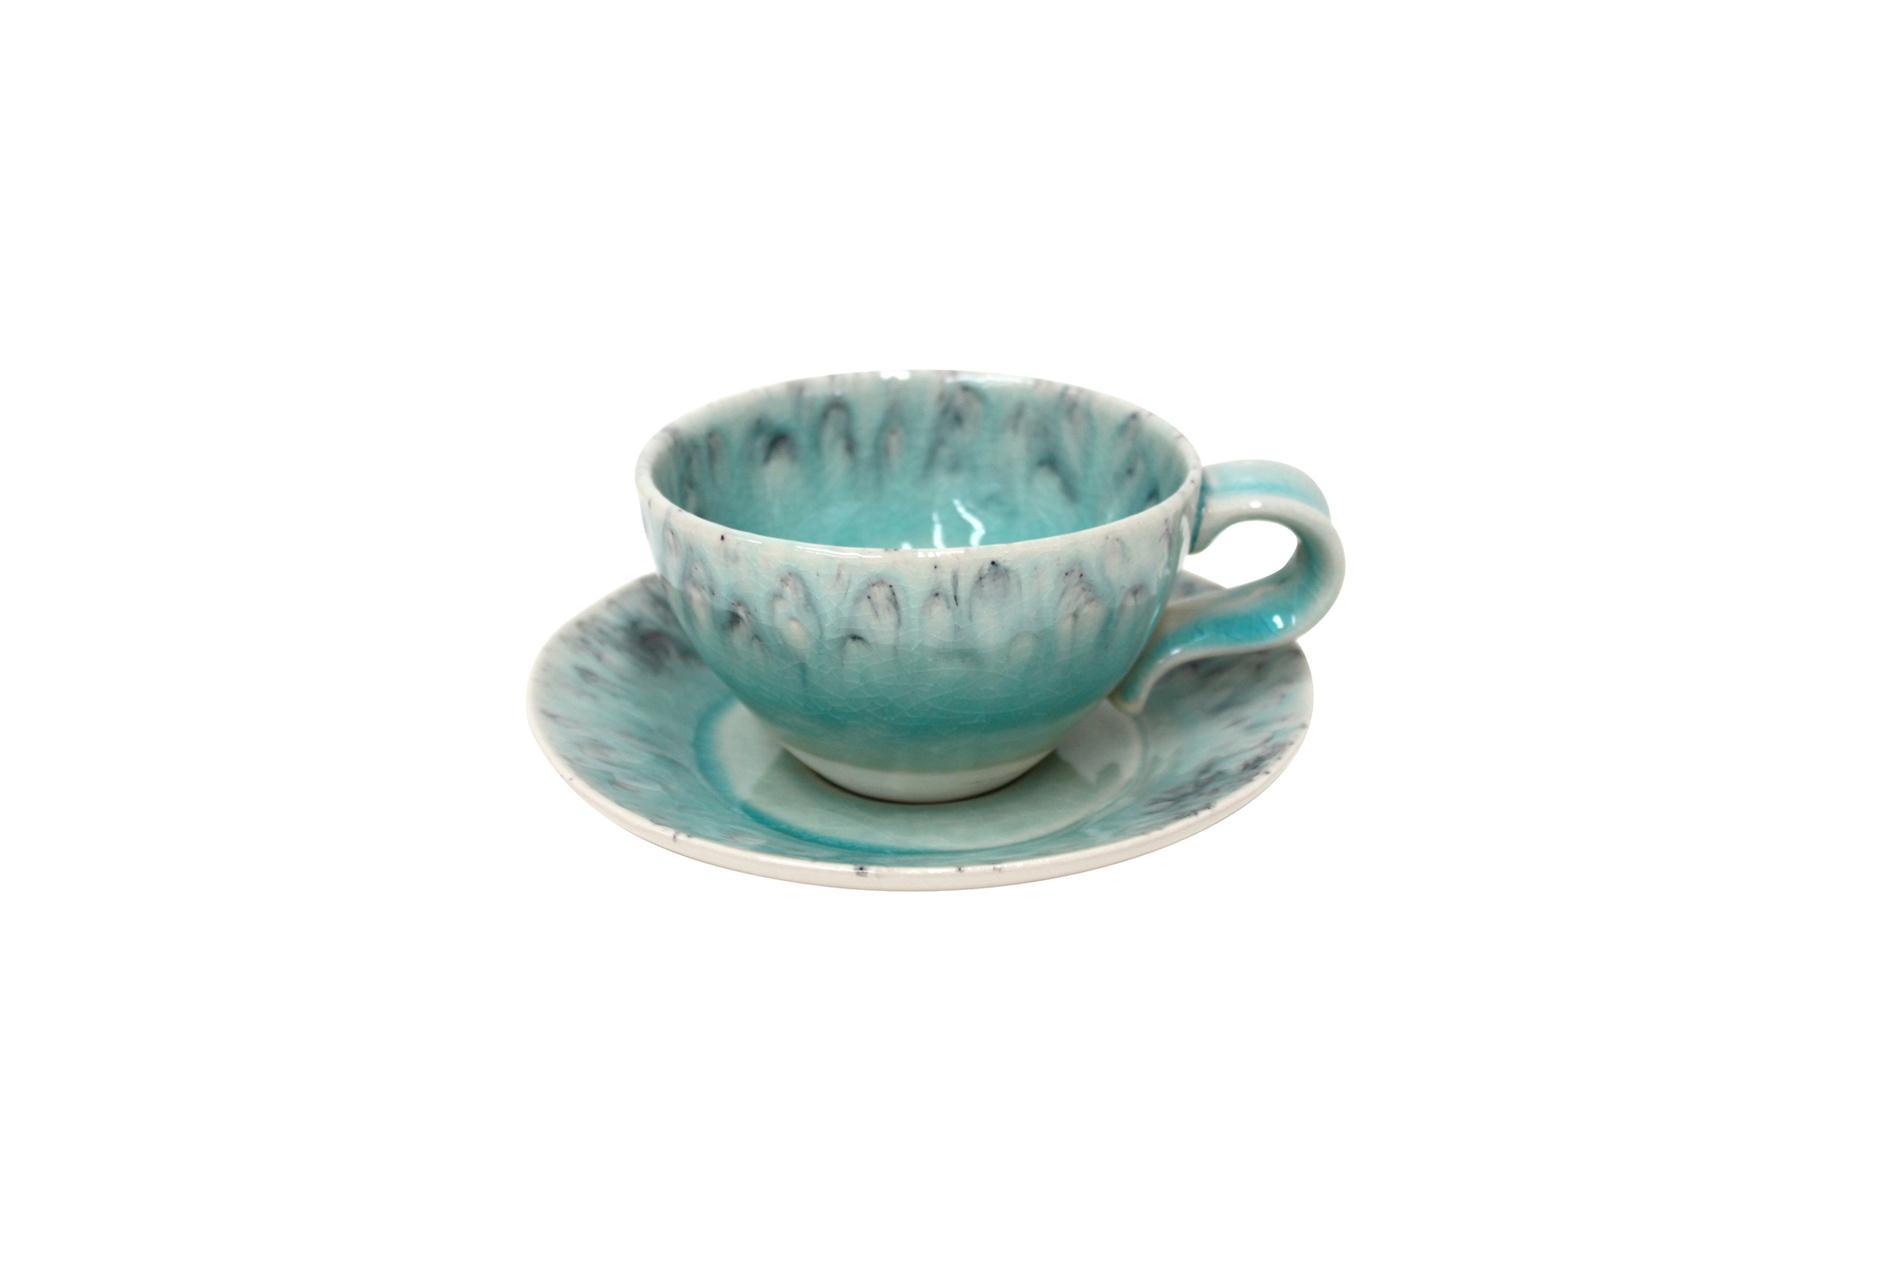 Gedeck / Kaffee / Tee 2-teilig /  Ober- und Untertasse, Madeira, blau